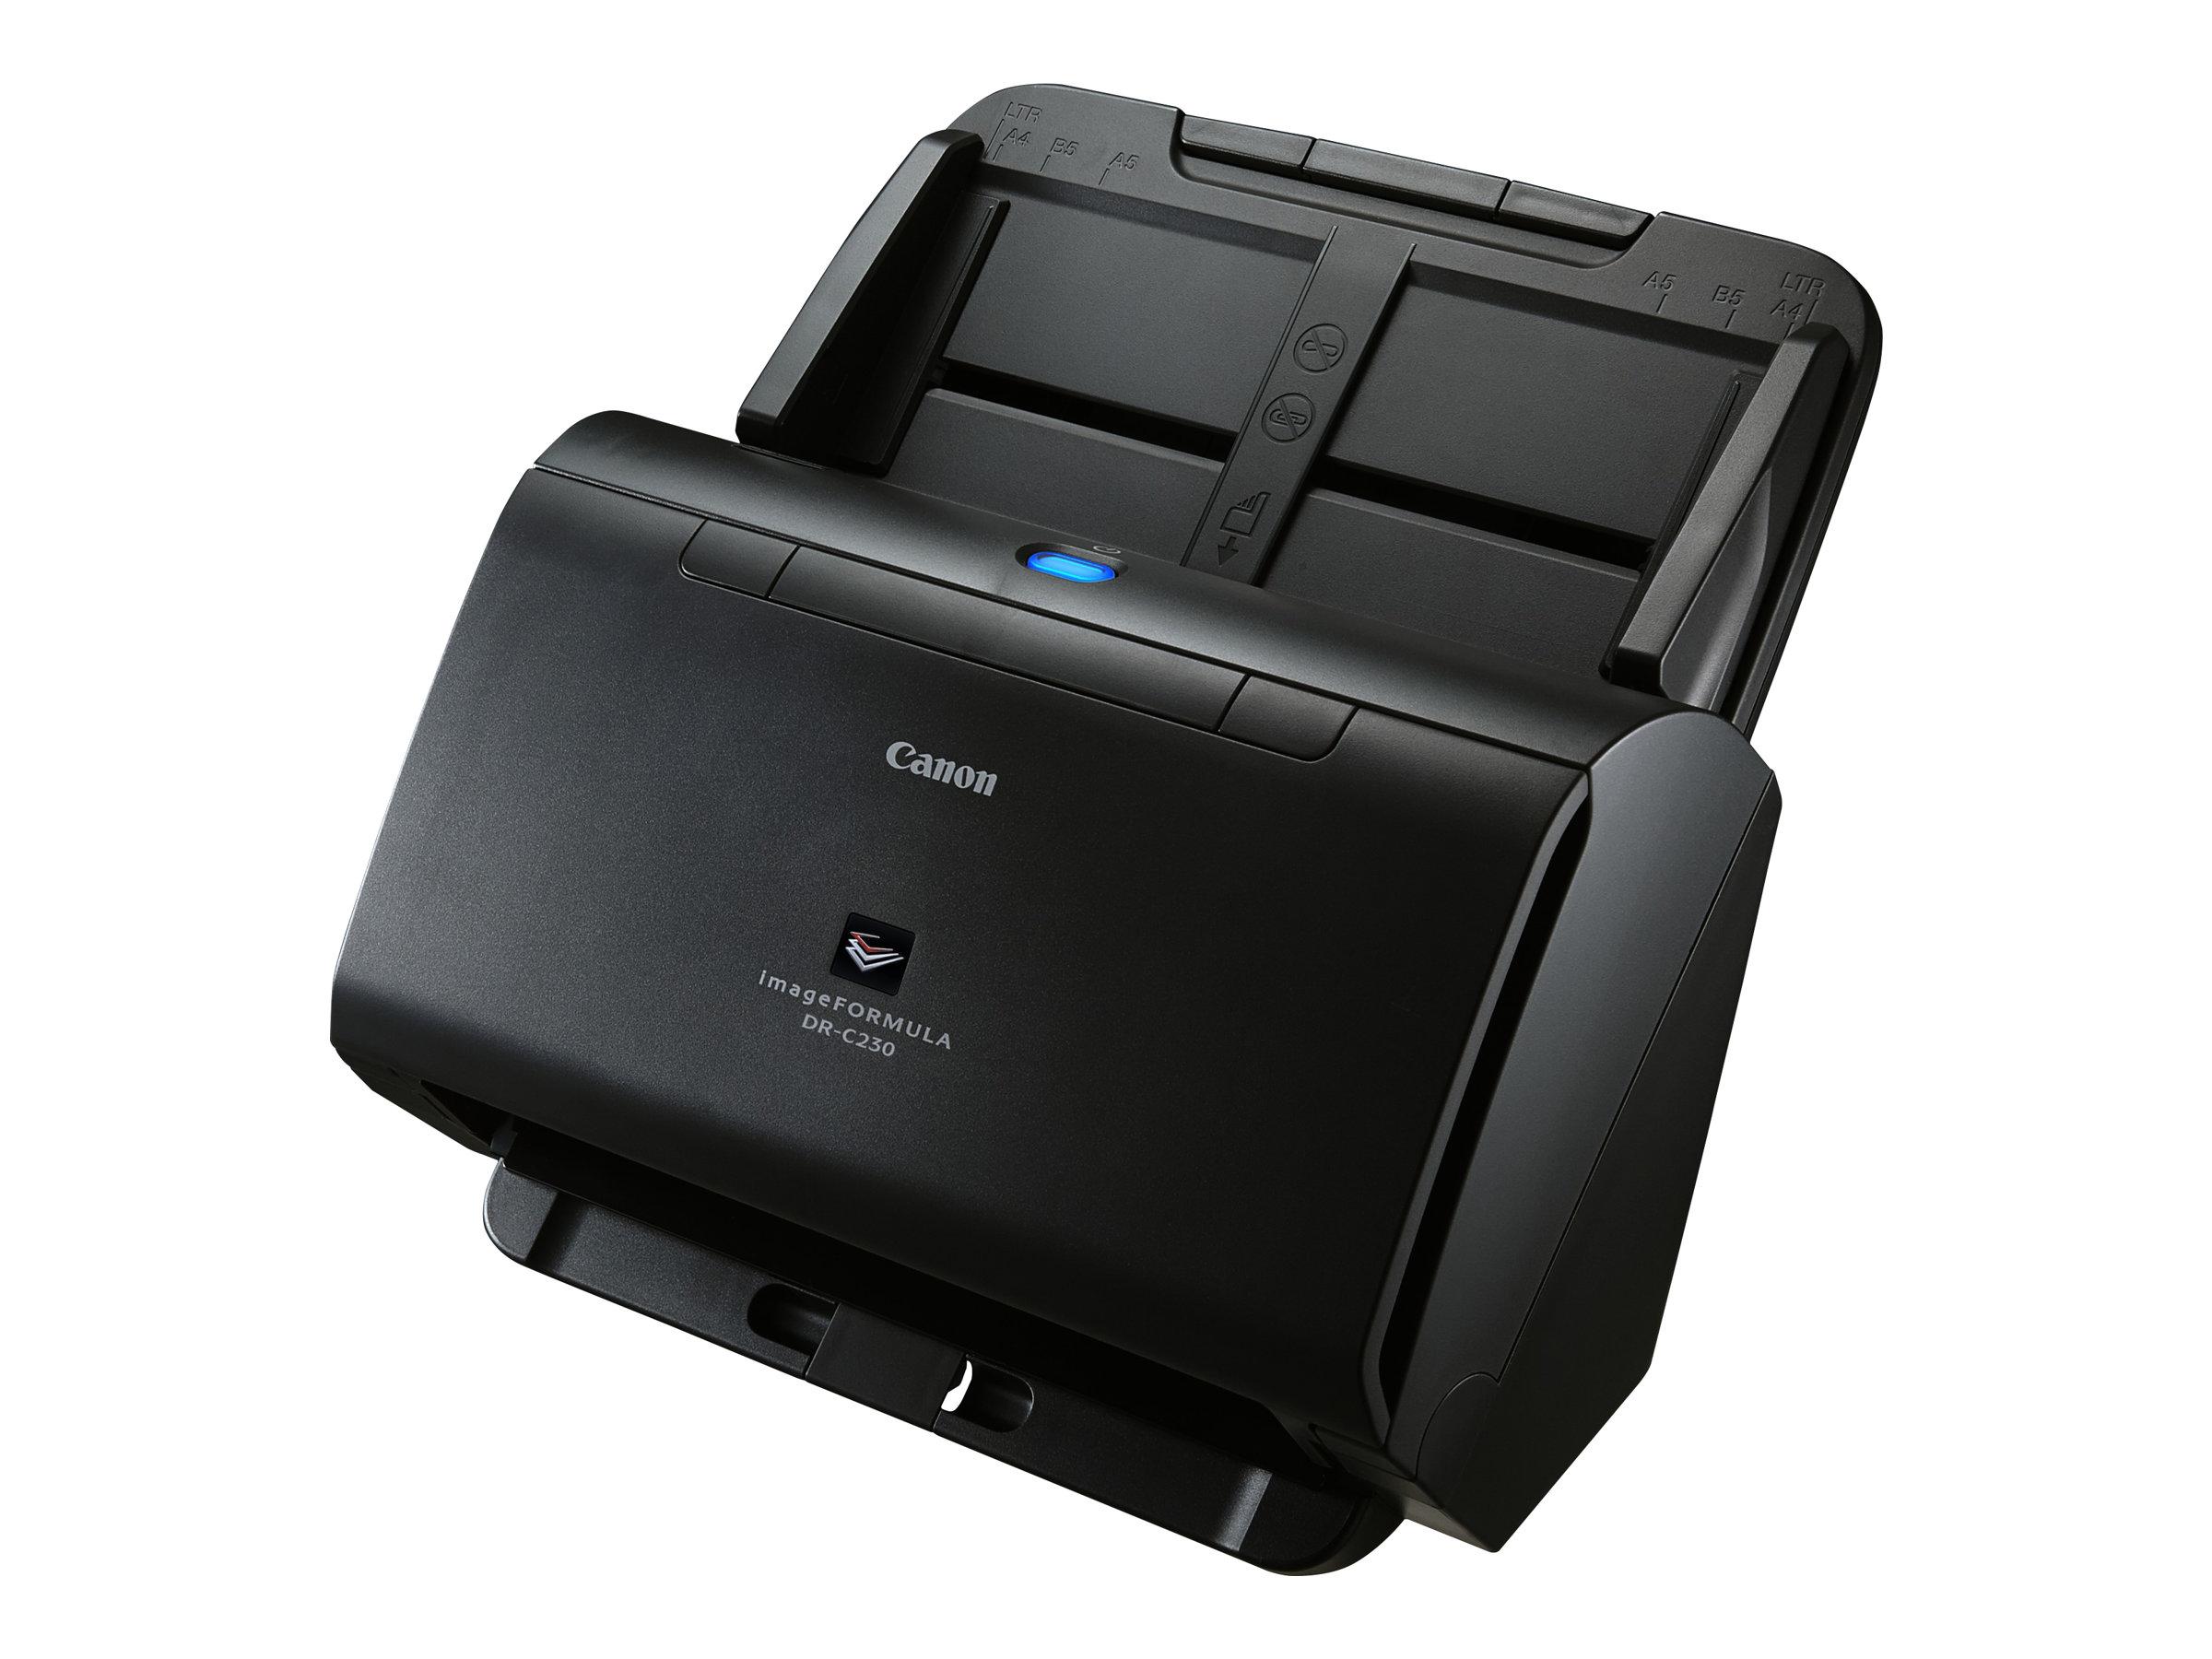 Canon imageFORMULA DR-C230 - Dokumentenscanner - CMOS / CIS - Duplex - Legal - 600 dpi x 600 dpi - bis zu 30 Seiten/Min. (einfarbig)